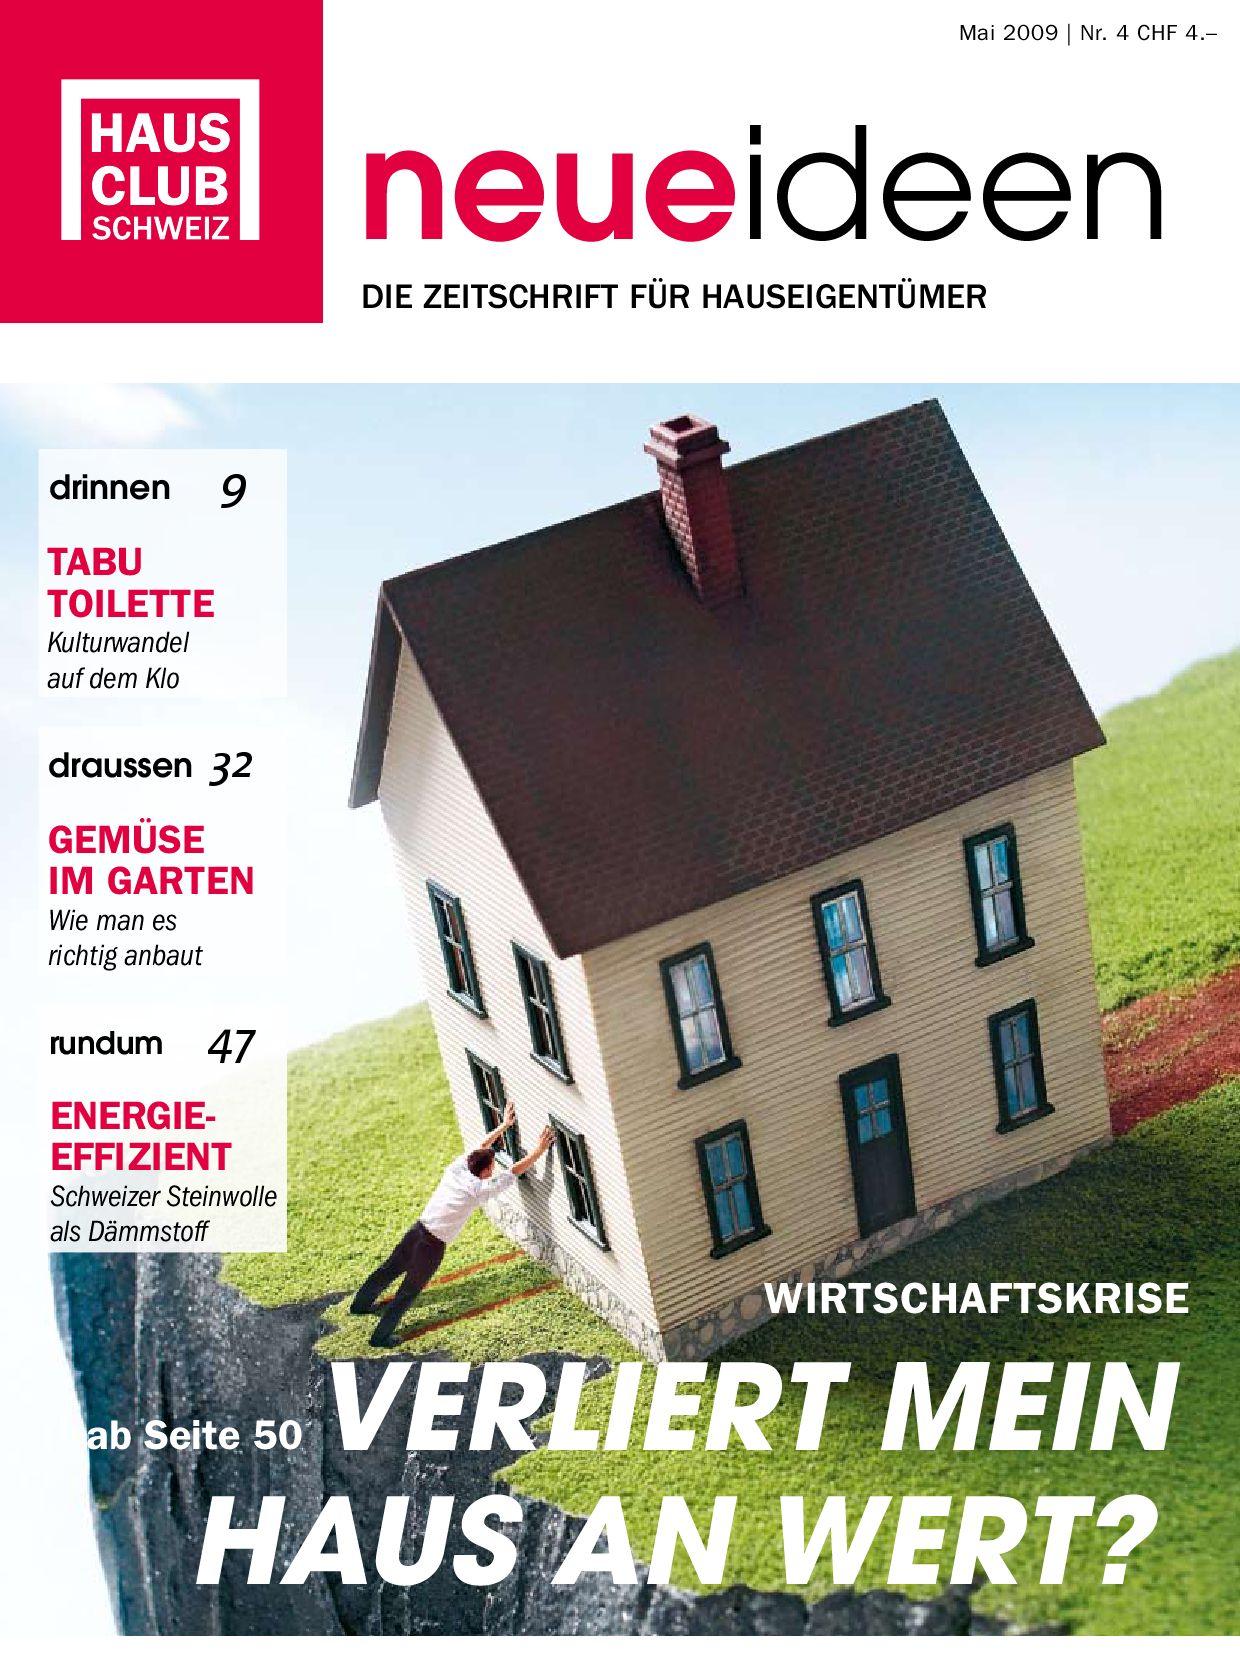 Großzügig Wie Man Das Haus Neu Verkabelt Zeitgenössisch - Schaltplan ...